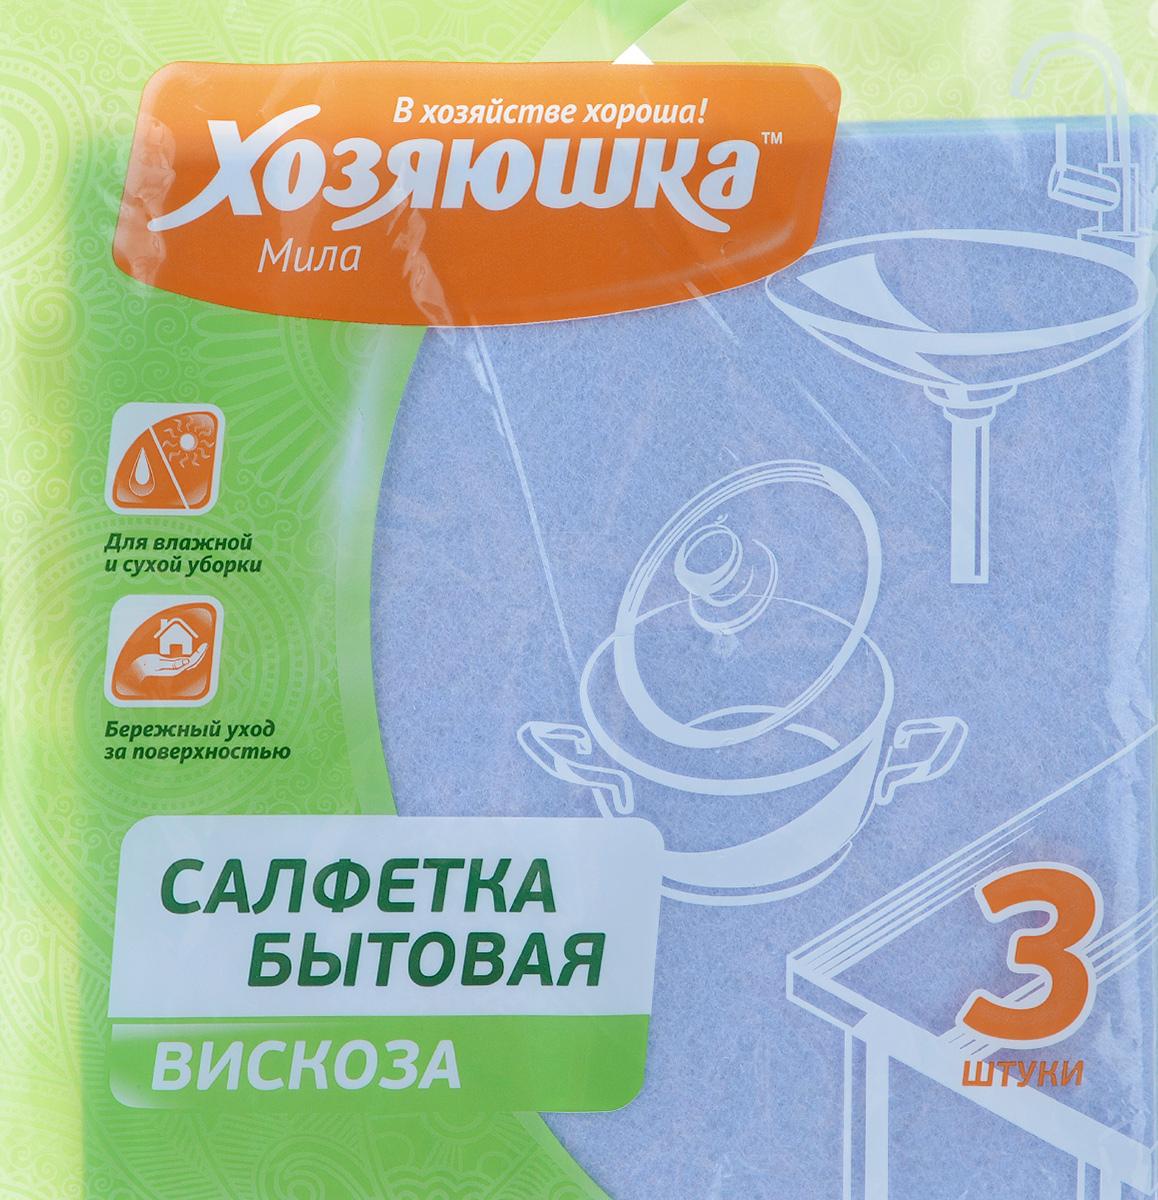 Салфетка бытовая Хозяюшка Мила, 35 см х 35 см, 3 шт. 0400104001_сиреневыйСалфетка бытовая Хозяюшка Мила, выполненная из вискозы и полиэстера, хорошо впитывает влагу и легко выжимается. Отлично удаляет пыль, не оставляет разводов и ворсинок. Салфетка может использоваться для ухода за всеми видами поверхностей: деревянной и ламинированной мебели, кухонной мебели, кафеля, раковин. Размер салфетки: 35 см х 35 см. Комплектация: 3 шт.